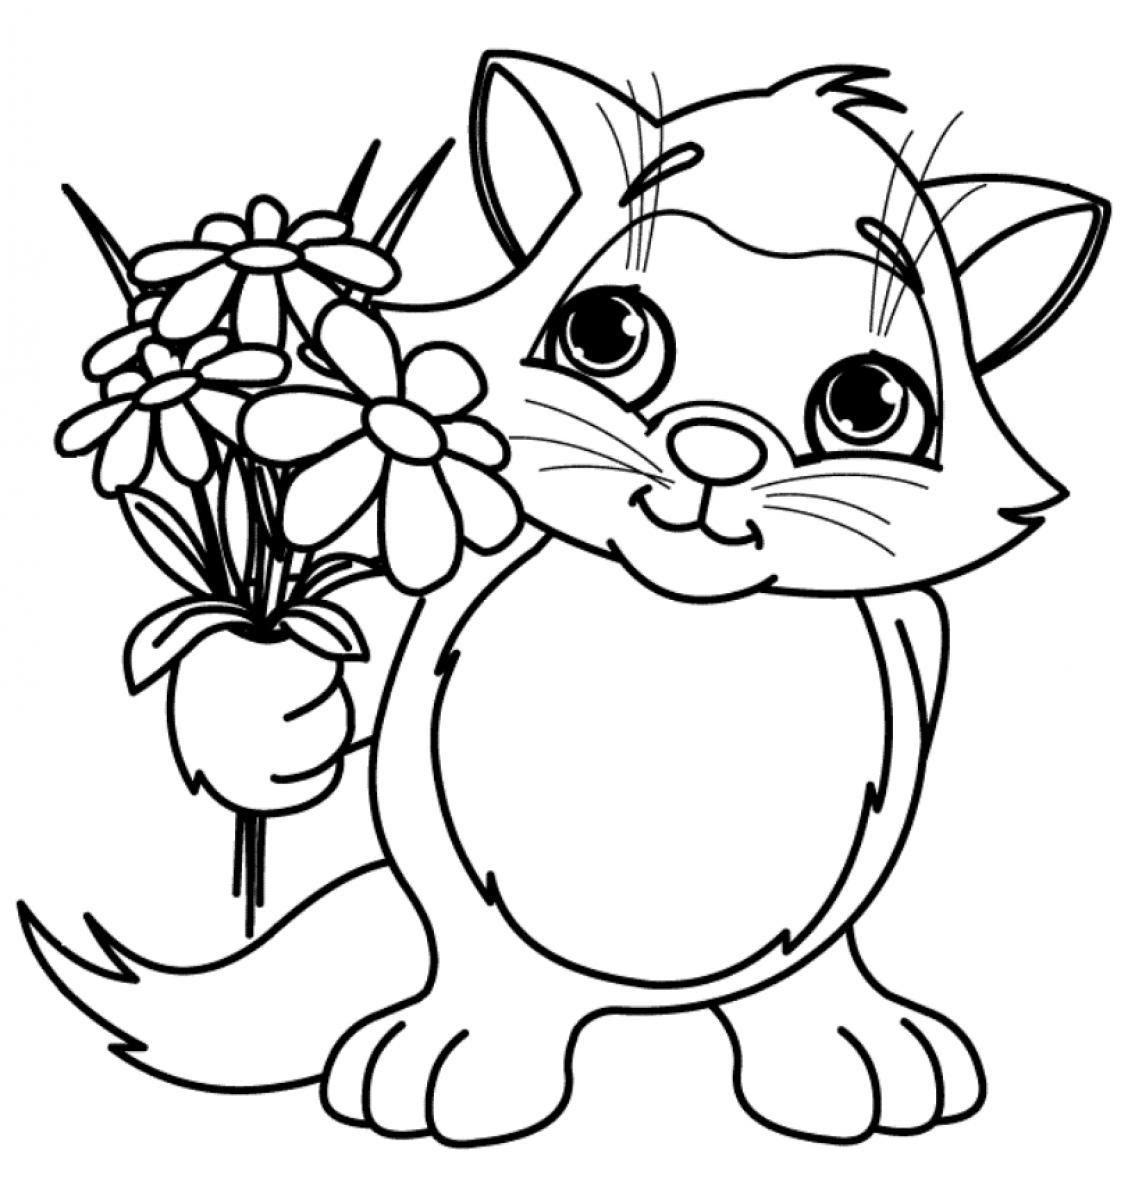 Dibujos De Flores Grandes Para Colorear